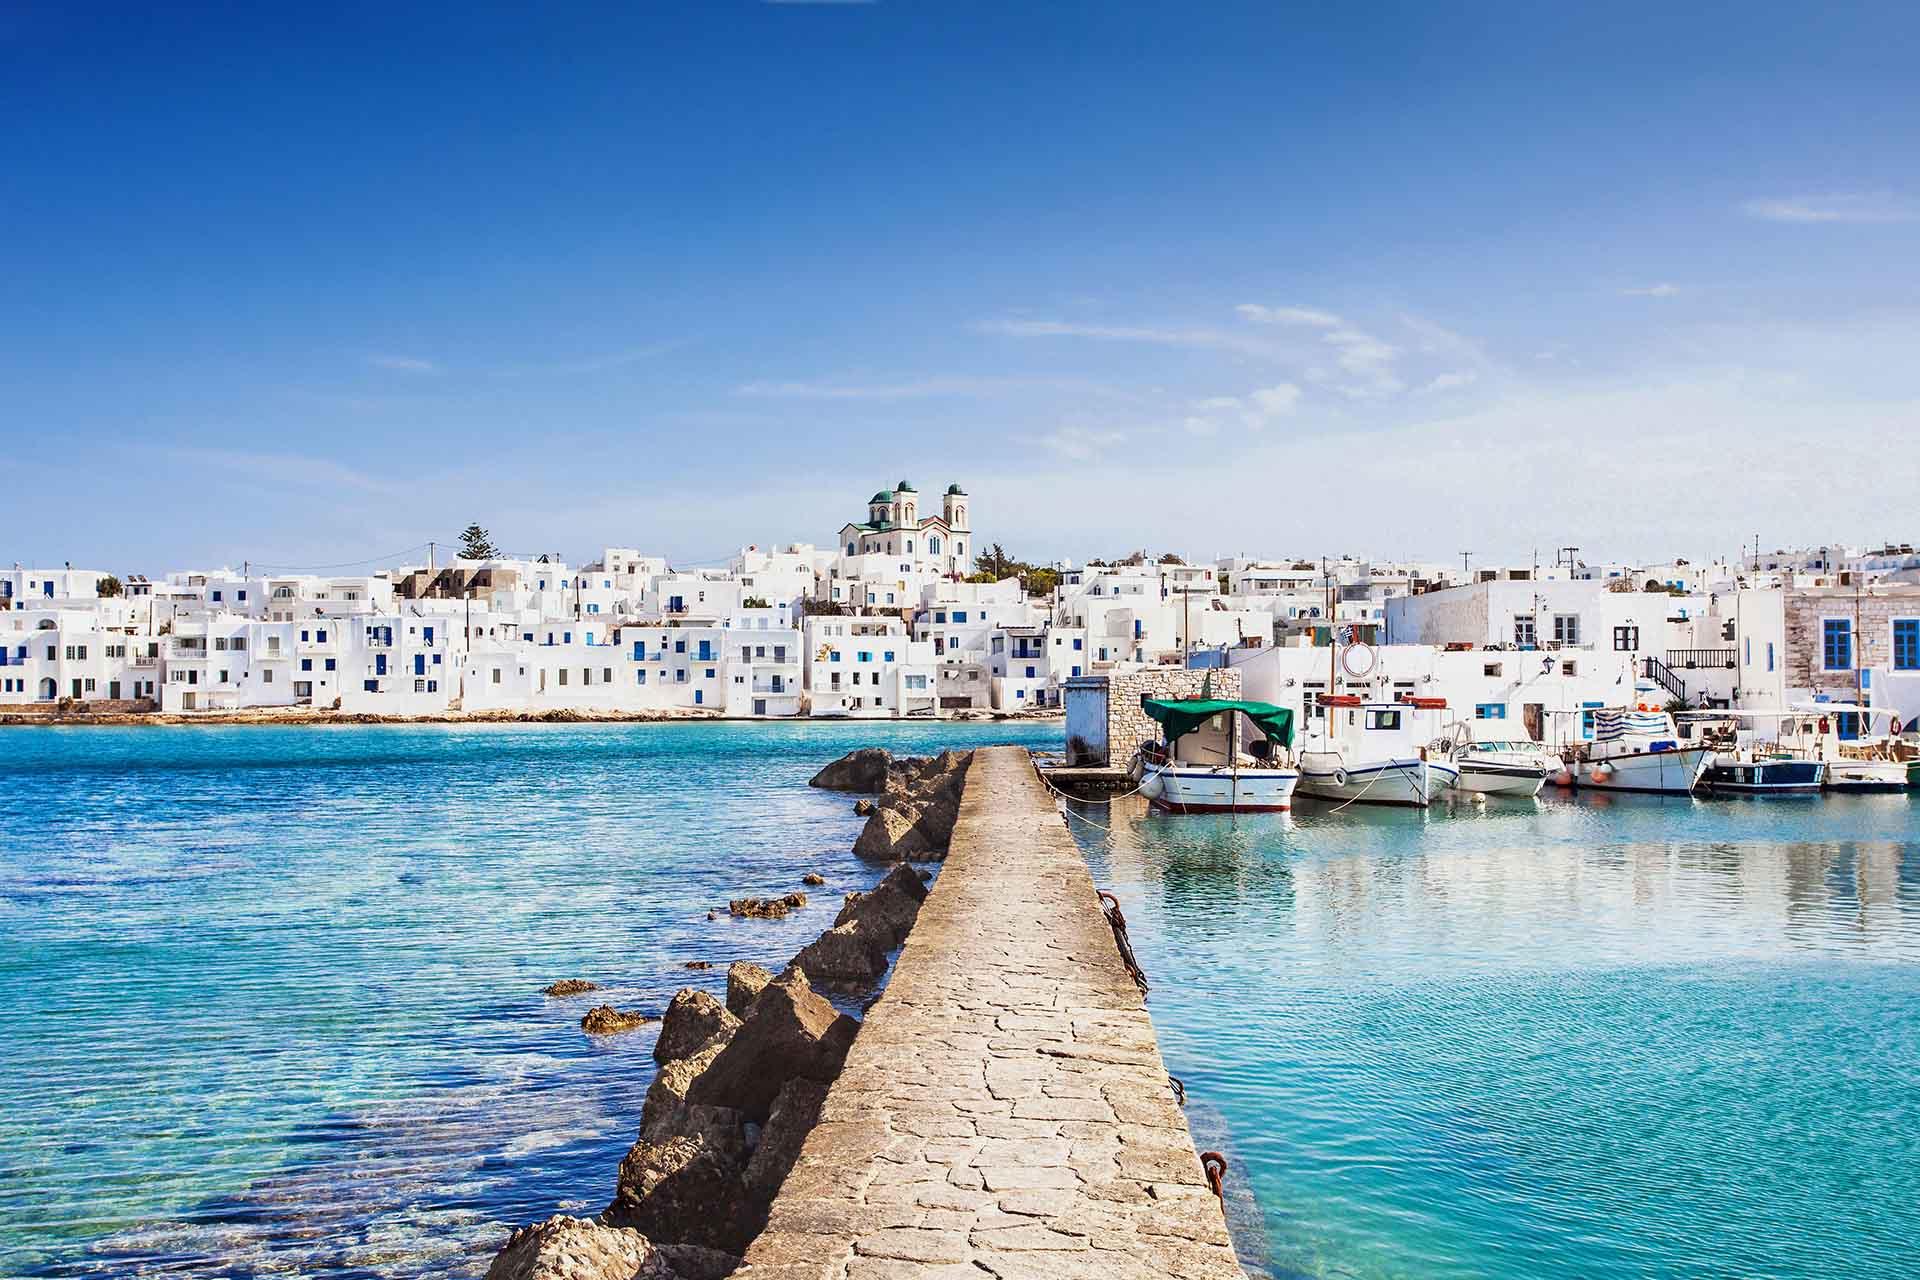 Paros es una isla griega en el mar Egeo conocida por sus playas y pueblos tradicionales que combina elementos modernos con elementos tradicionales de la manera más singular. Paros es una mezcla de arquitectura tradicional, vida nocturna, playas mágicas, pueblos rurales y monumentos históricos